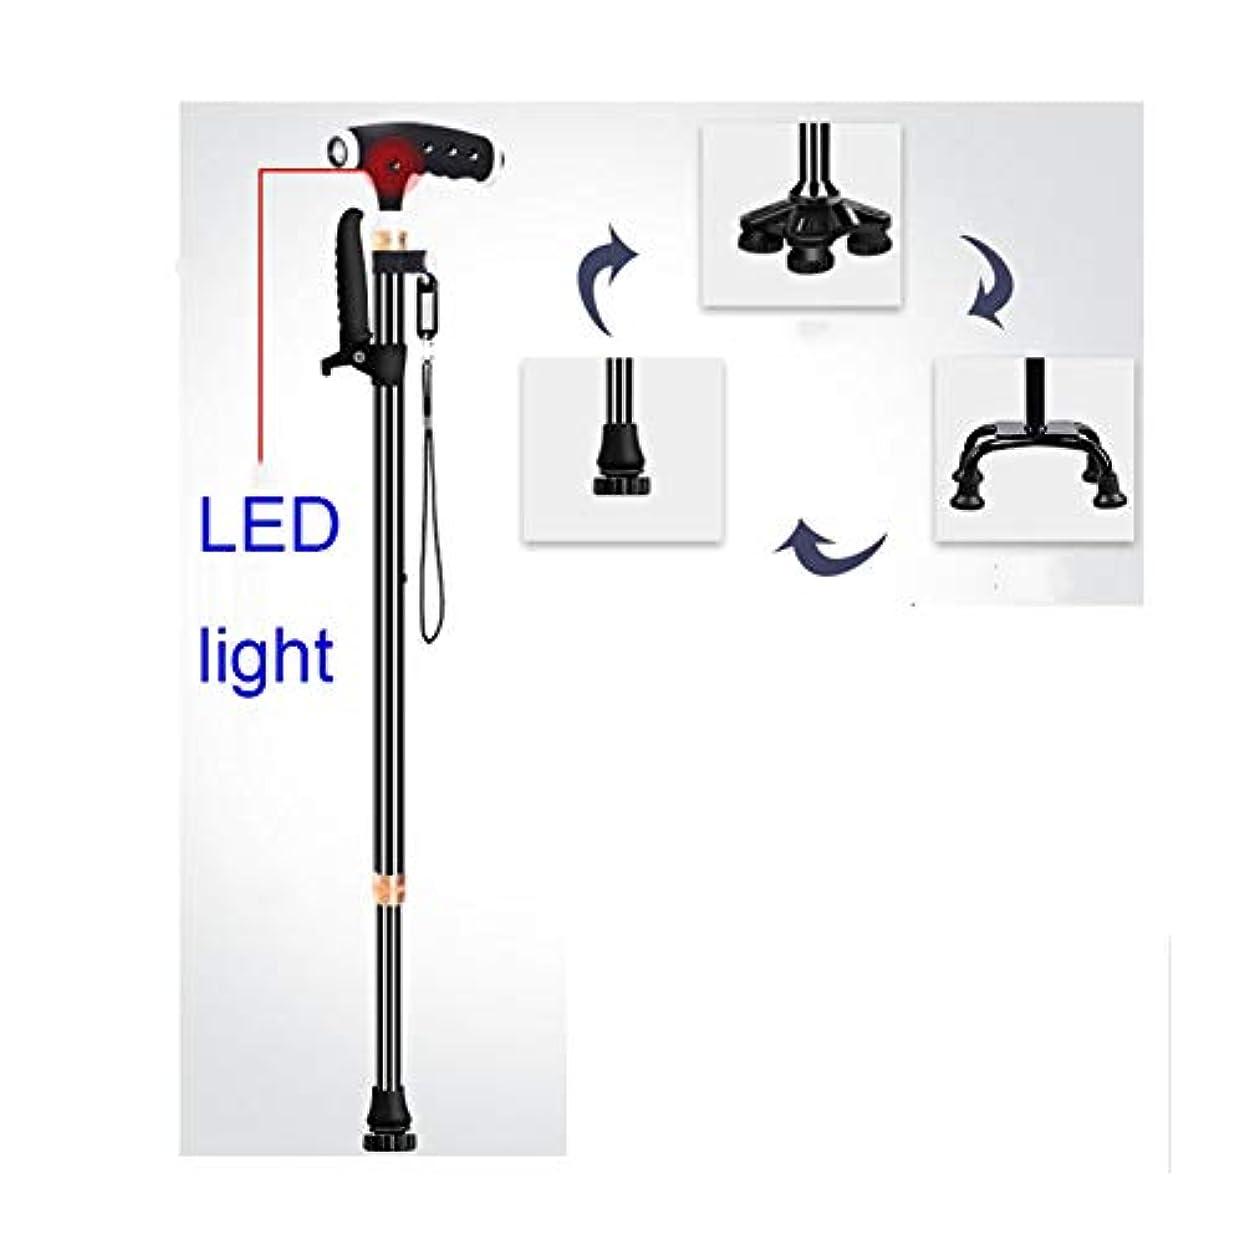 滴下気球ジャングル高齢者の男性や女性のための杖アルミ合金の杖10 LEDライト付き調節可能な杖3基底荷重150kg障害のある杖